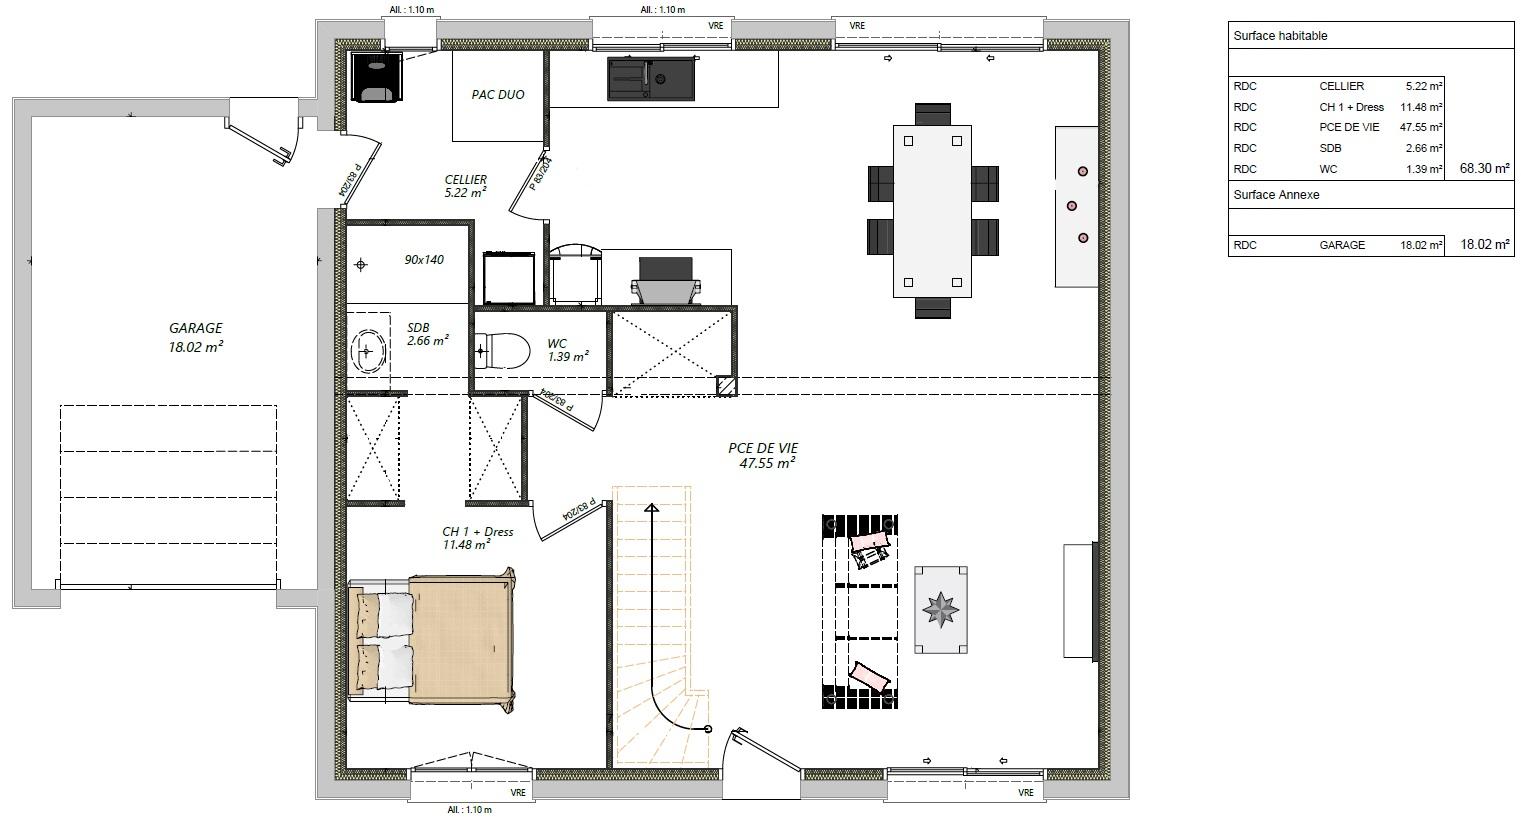 Modèle guécélard 72230 plan rez-de-chaussé maison 4 chambres constructeur maison le mans constructeur maison en sarthe maisons LG